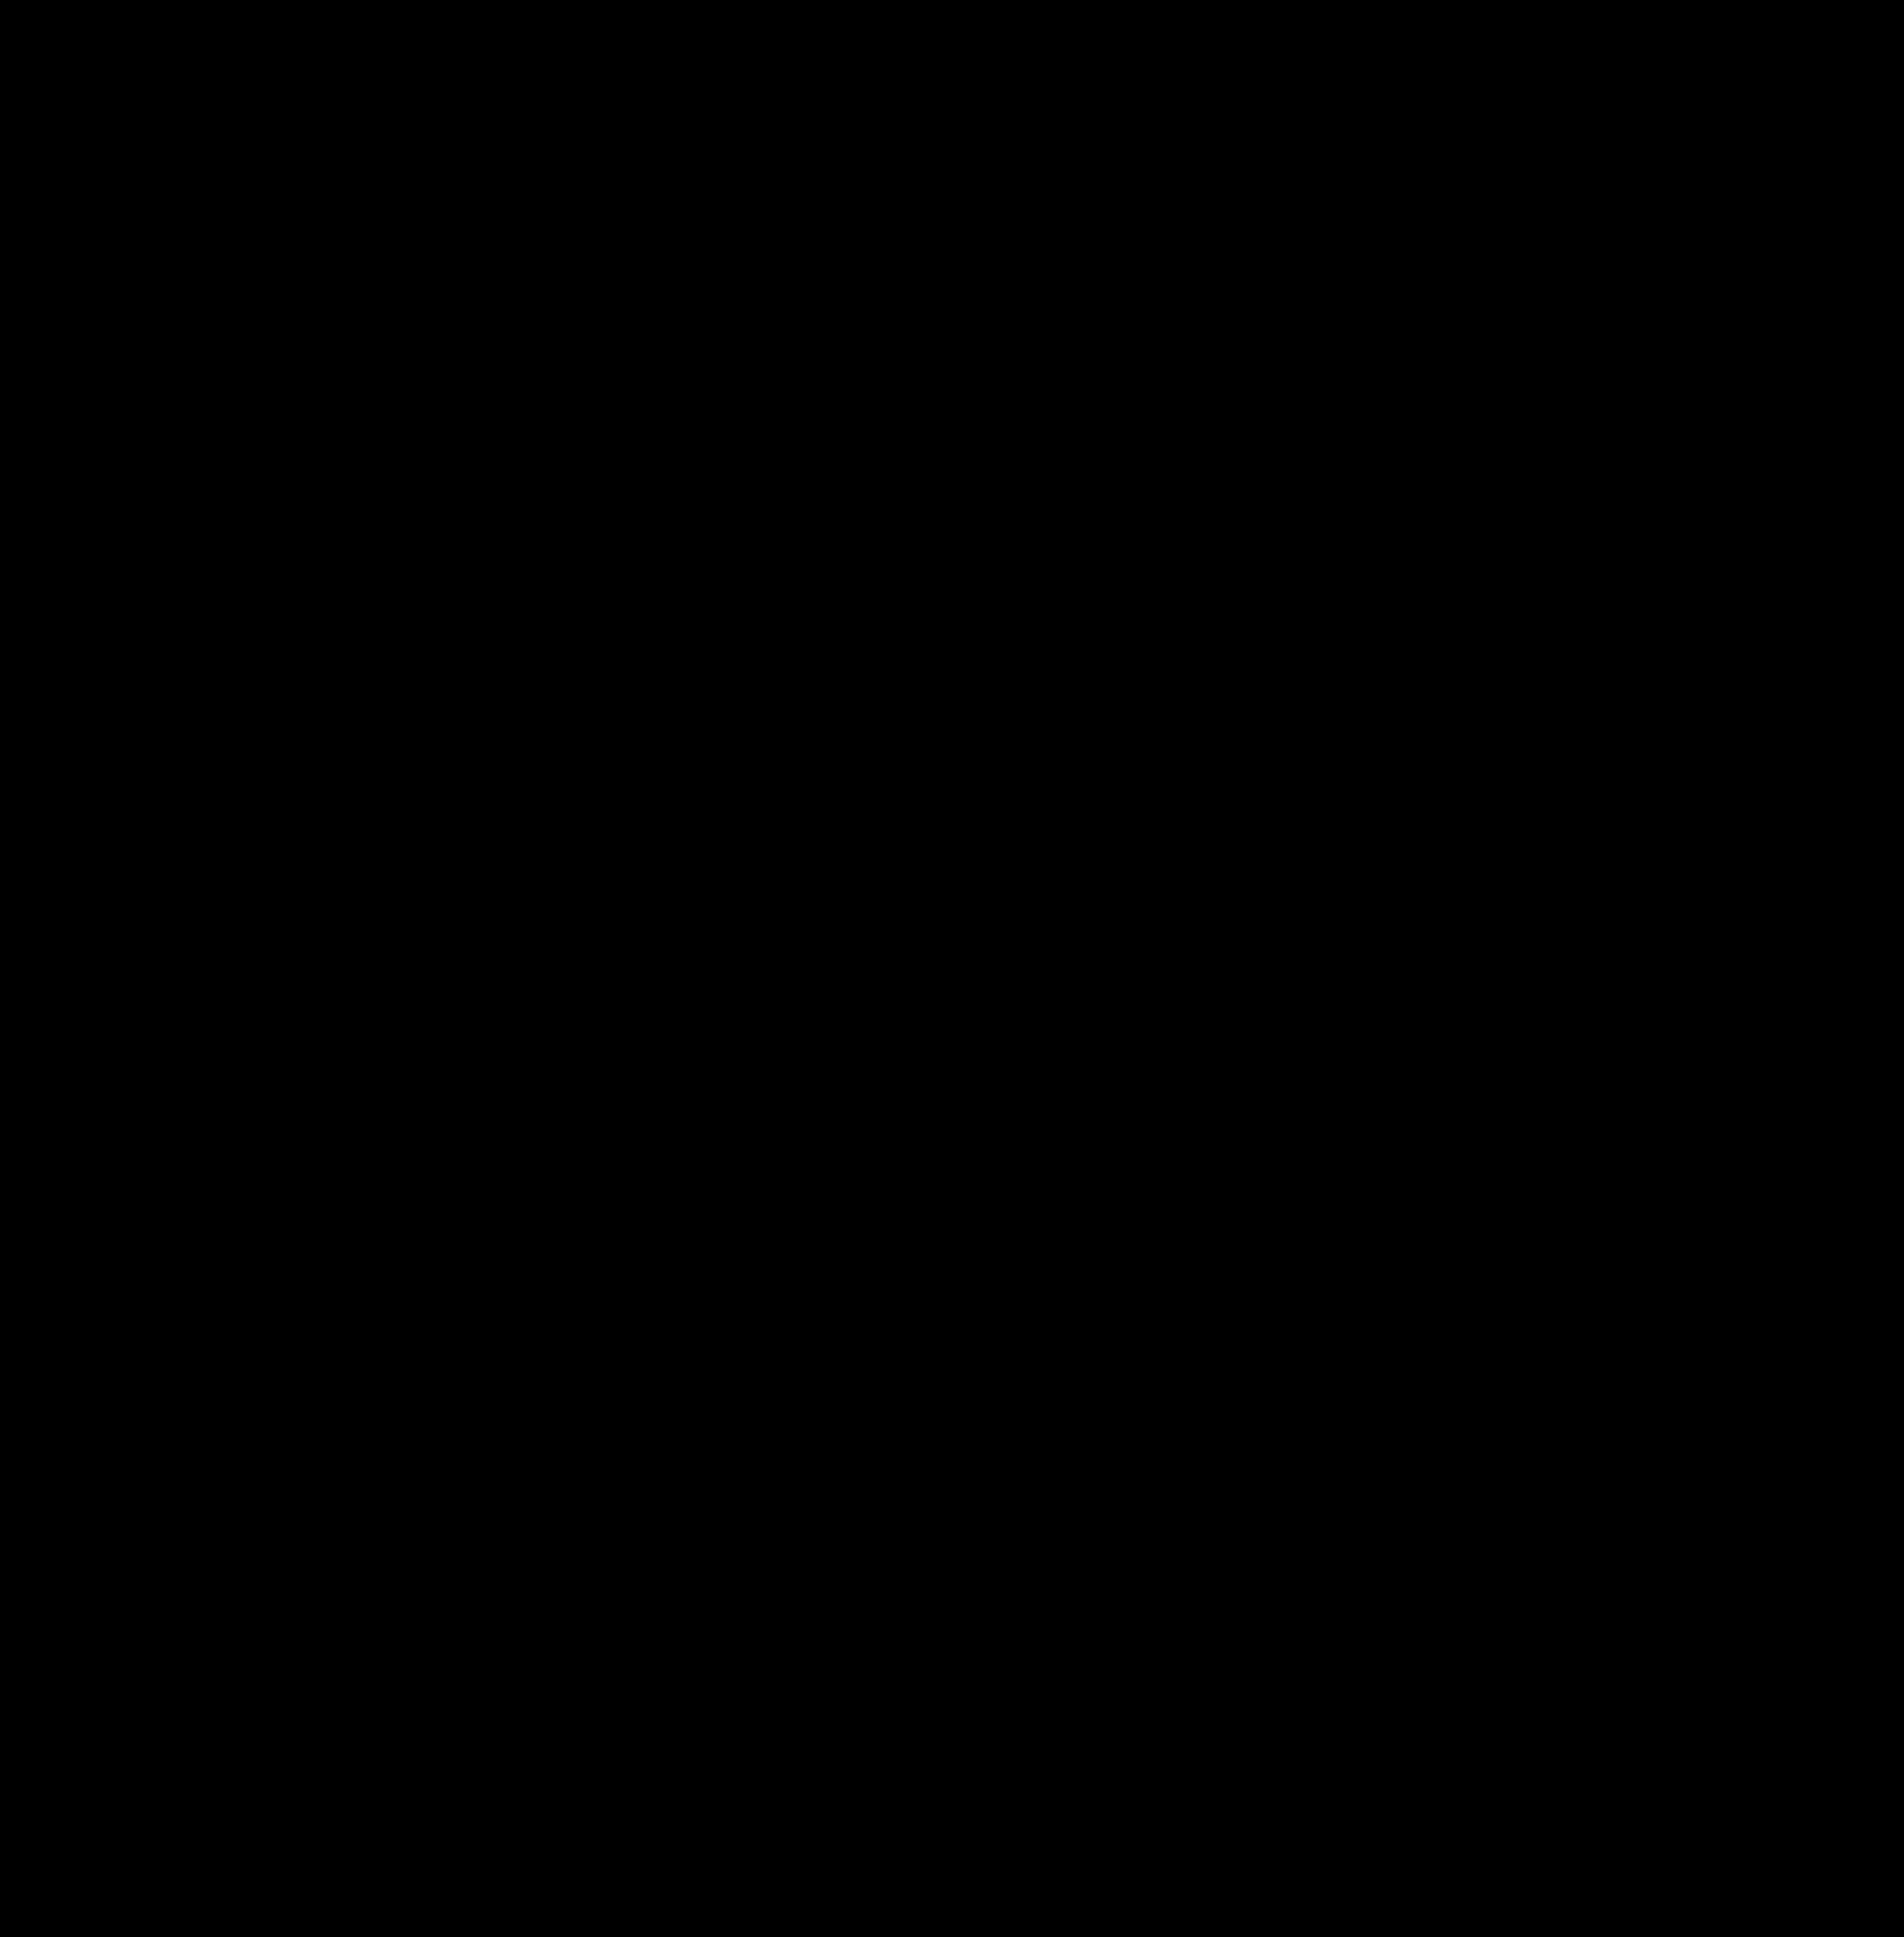 MáscaraFacial